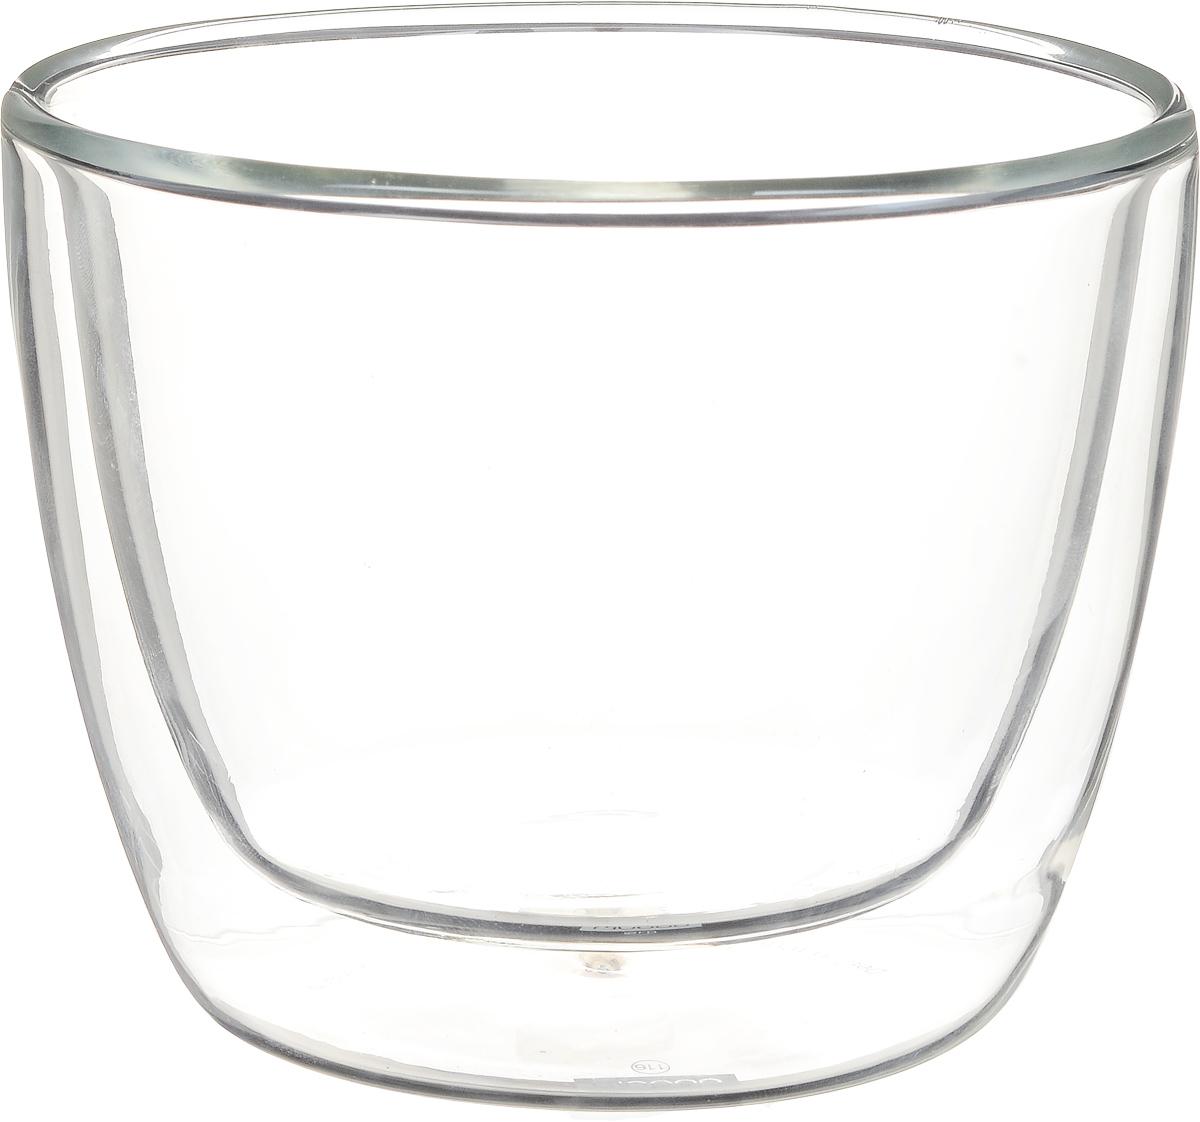 Набор термостаканов Bodum Bistro, 450 мл, 2 шт10607-10Набор Bodum Bistro состоит из двух термостаканов. Изделия изготовлены из жаростойкого и прочного боросиликатного стекла. Наличие двойных стенок позволяет термостаканам дольше сохранять первоначальную температуру напитка. Прослойка воздуха не даст обжечься, если в стакан налит горячий напиток. Идеально подходят для подачи горячего молока, чая или кофе. Можно использовать в СВЧ-печи, духовке, холодильнике и мыть в посудомоечной машине. Диаметр термостакана (по верхнему краю): 10 см. Объем стакана: 450 мл.